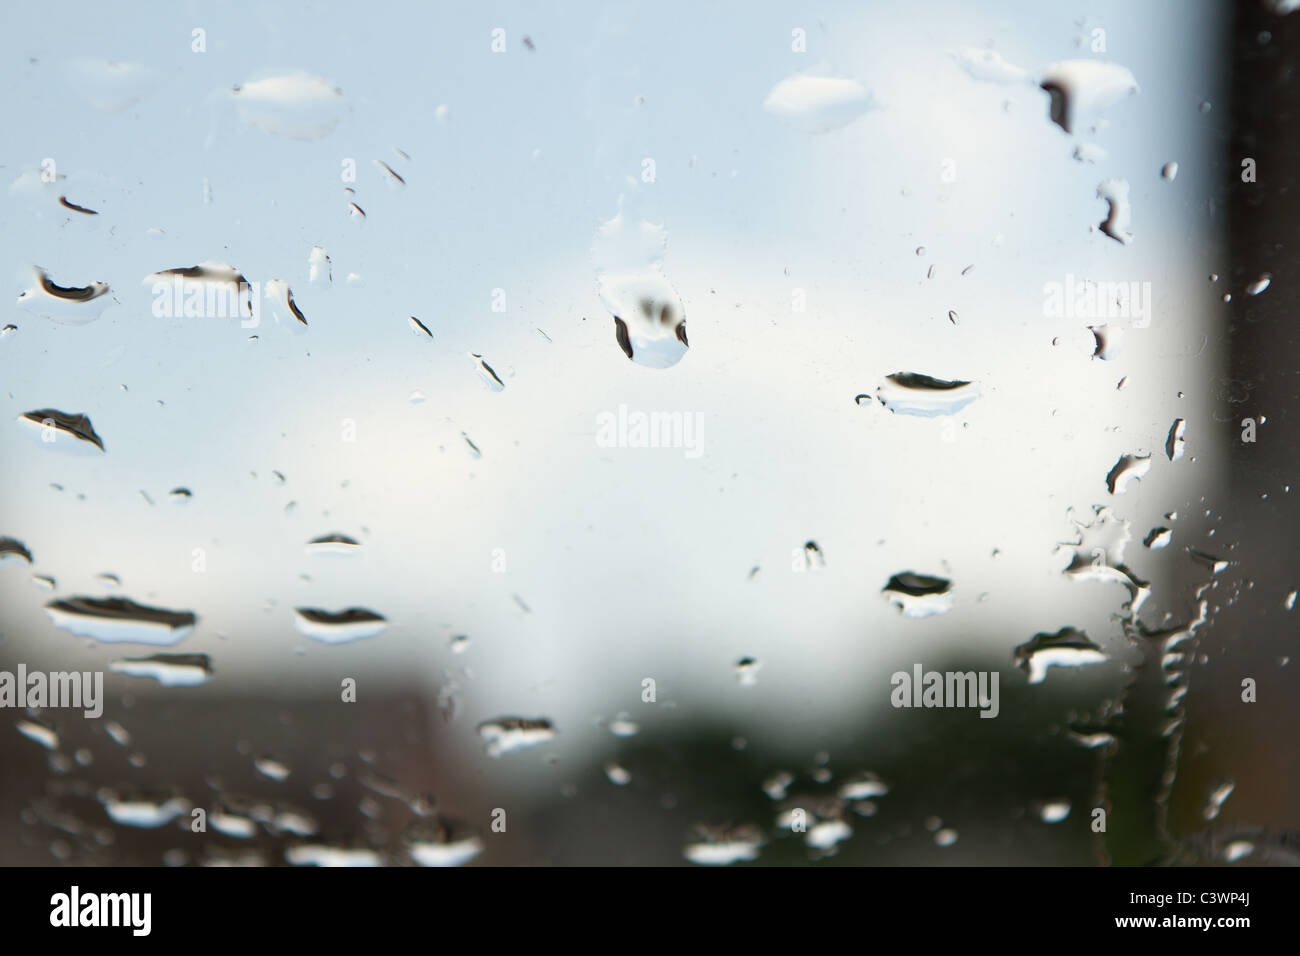 Regentropfen am Fenster und verschwommenen Himmel und Haus im Hintergrund Stockbild